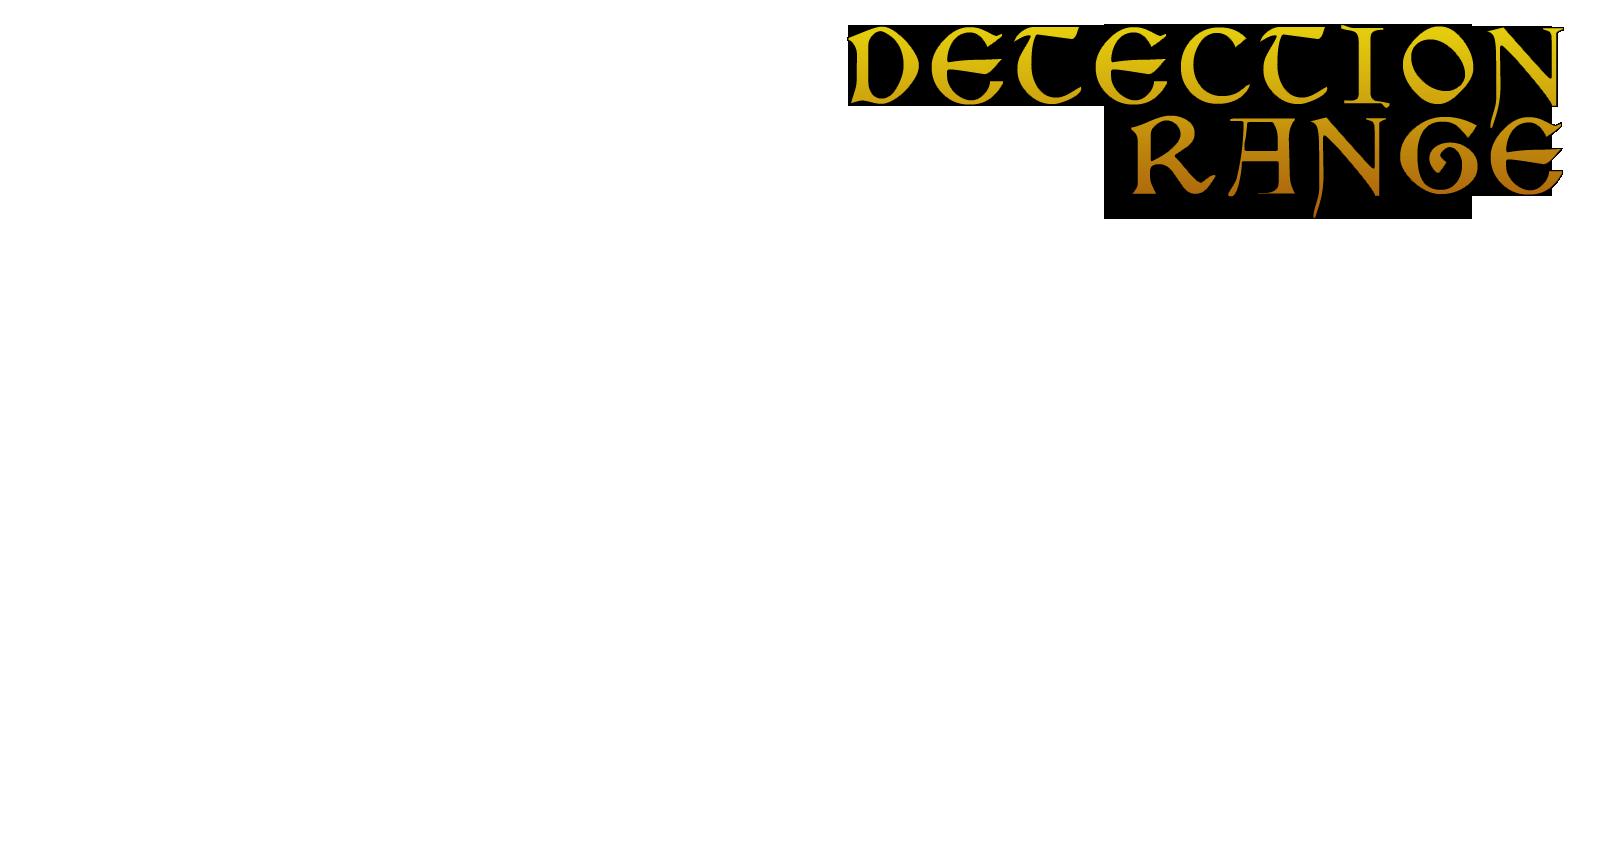 detectionrange